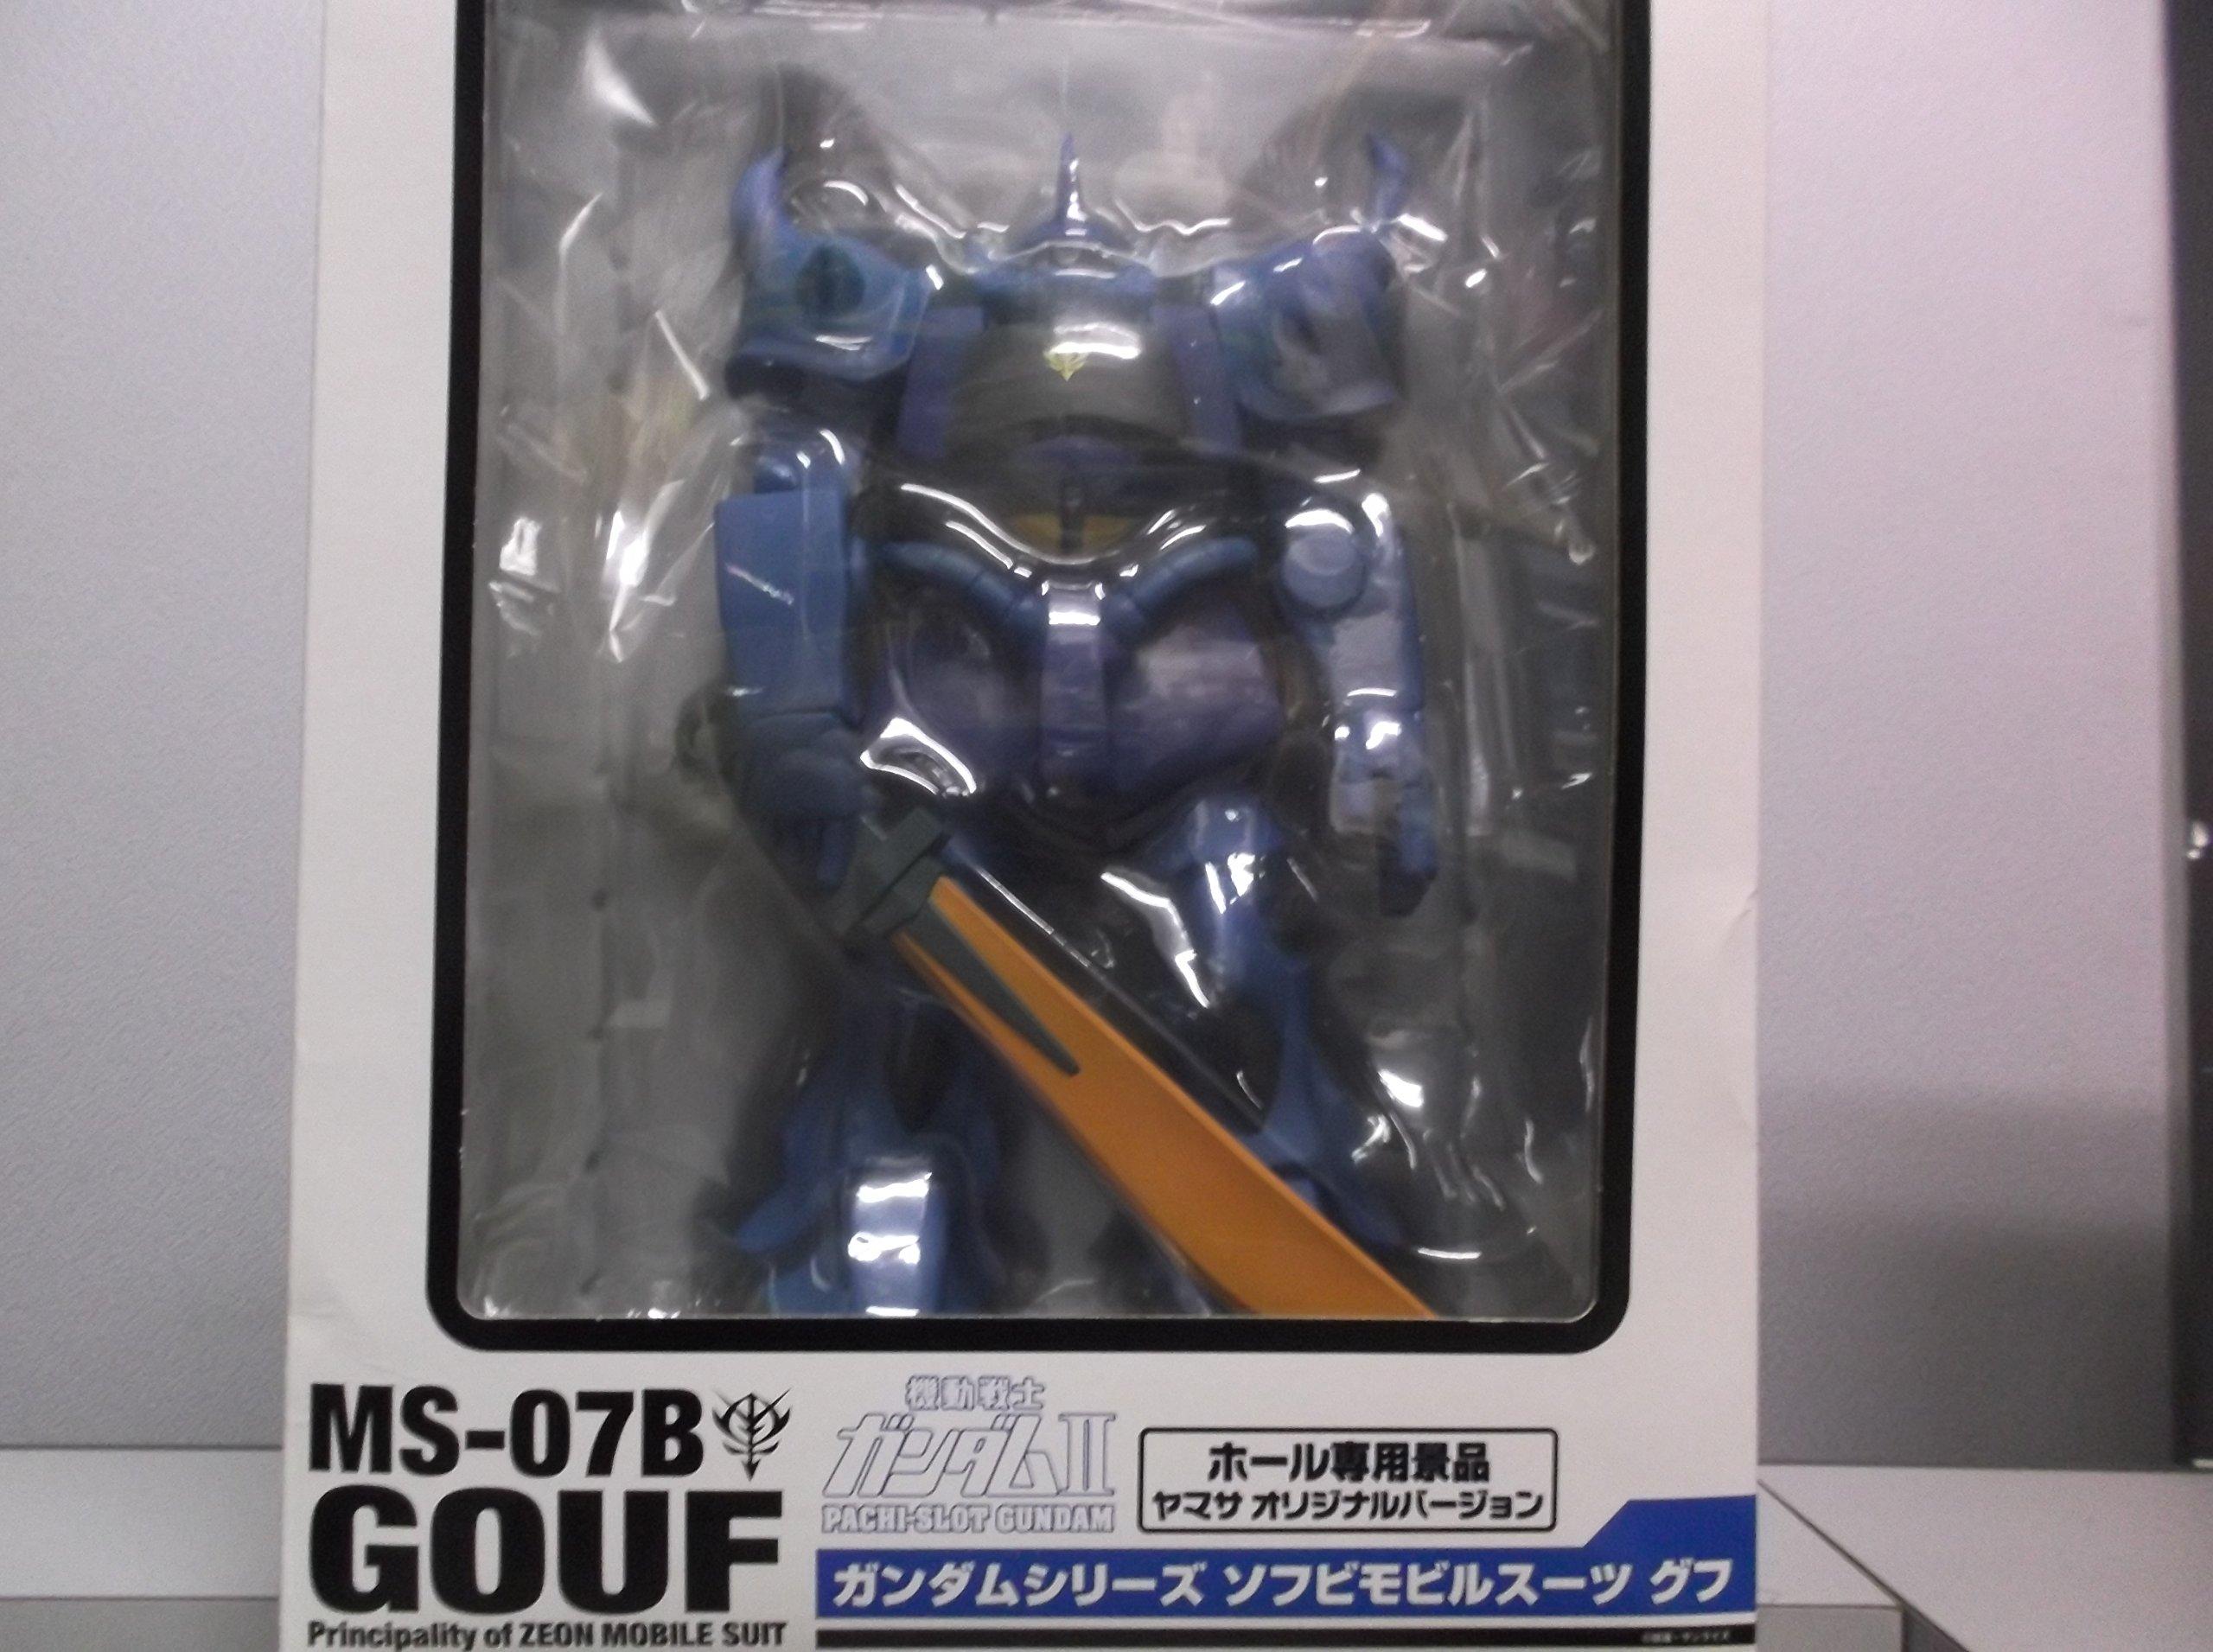 MS- Gouf